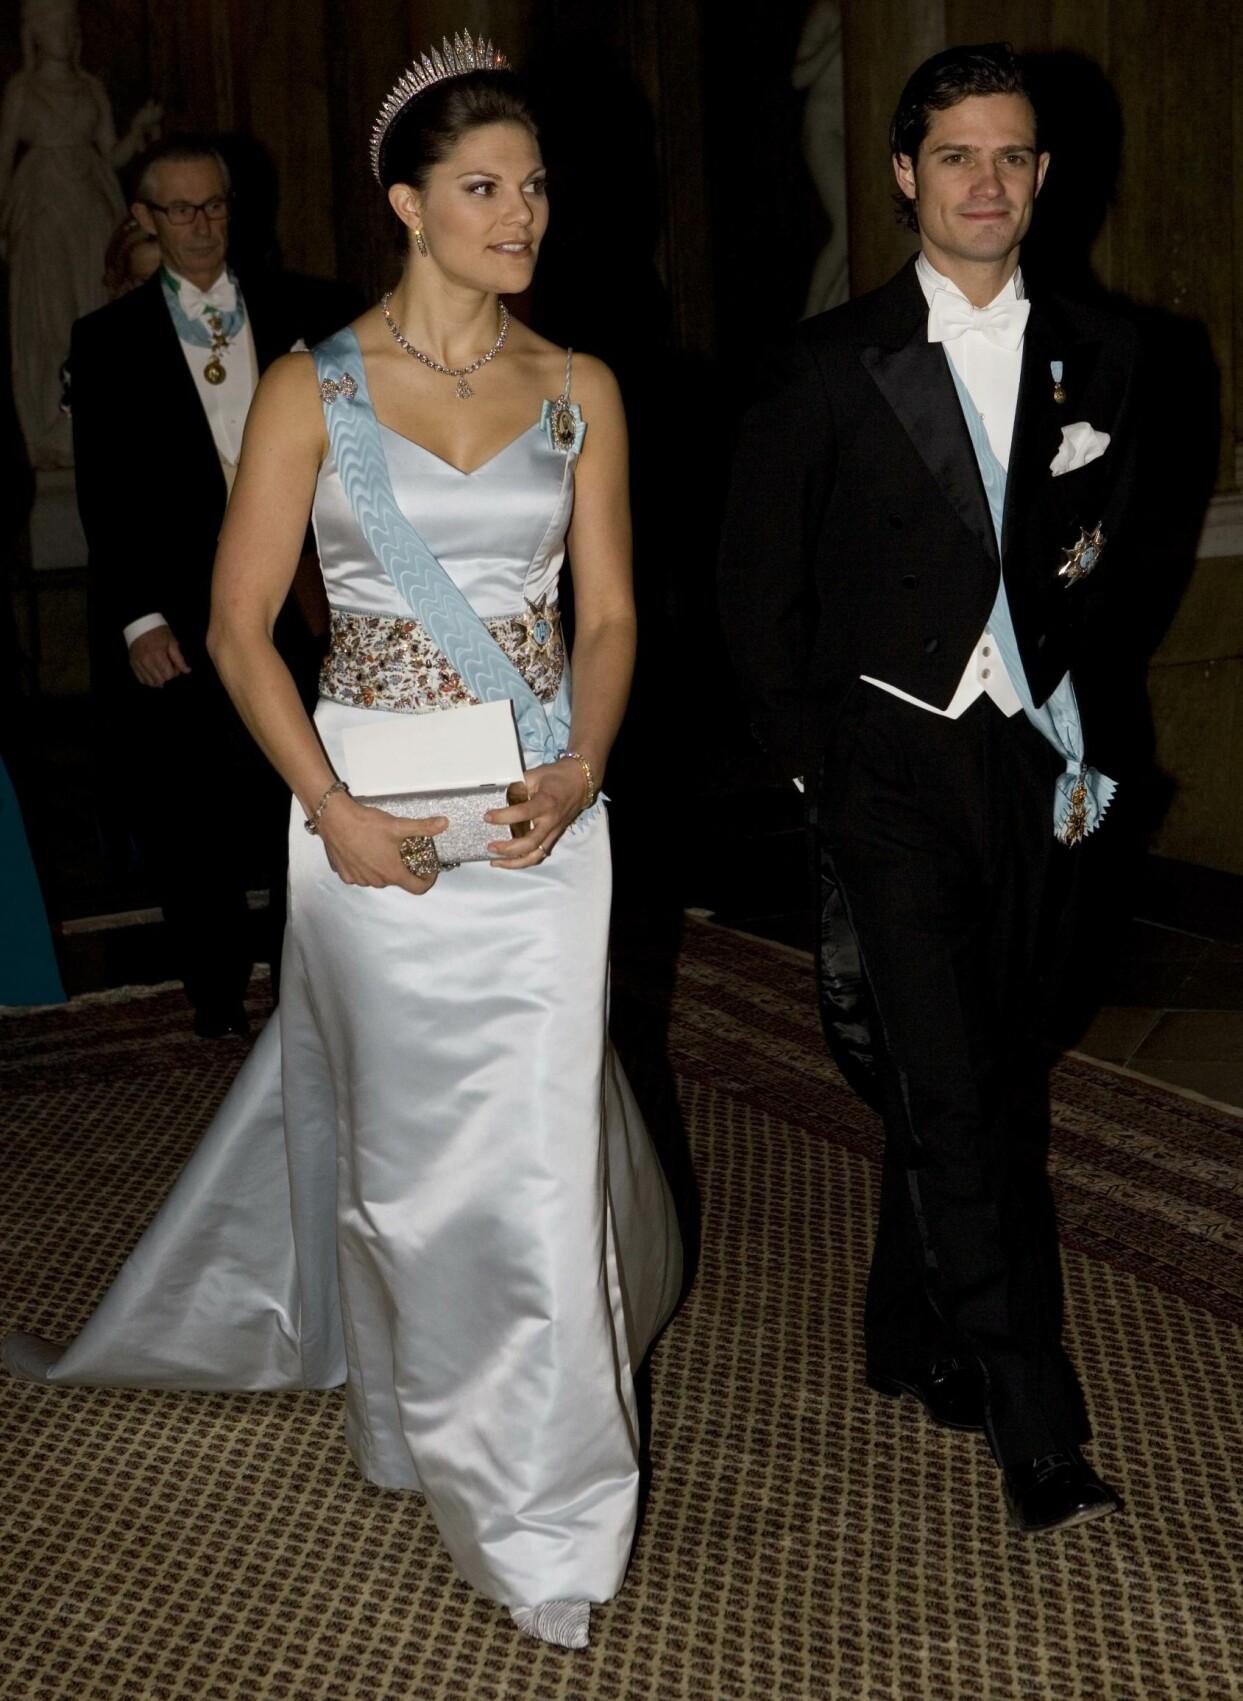 Kronprinsessan Victoria och prins Carl Philip under kungamiddagen på slottet i Stockholm 2007.